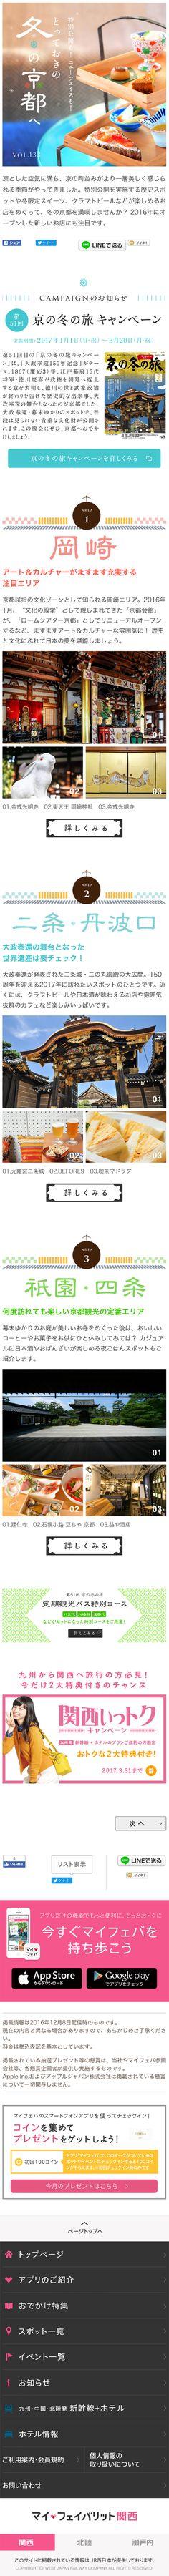 とっておきの冬の京都へ【アウトドア関連】のLPデザイン。WEBデザイナーさん必見!スマホランディングページのデザイン参考に(かわいい系)